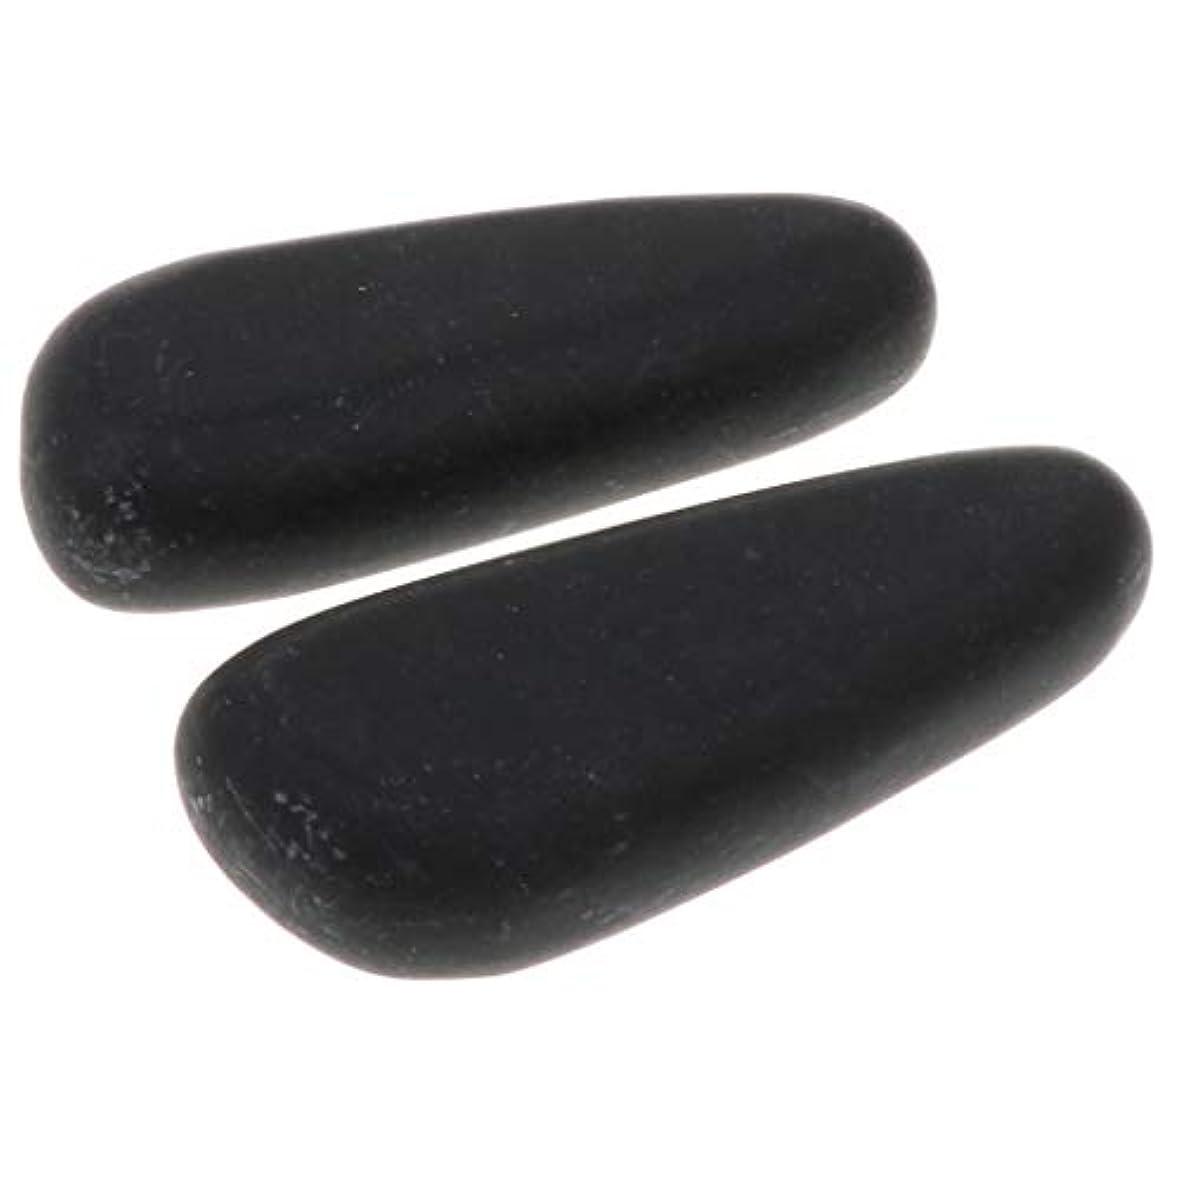 おもしろい食事貼り直すFenteer 全2サイズ ホットストーン マッサージ石 マッサージストーン 玄武岩 ボディマッサージ スパ 2個入 - 8×3.2×2cm